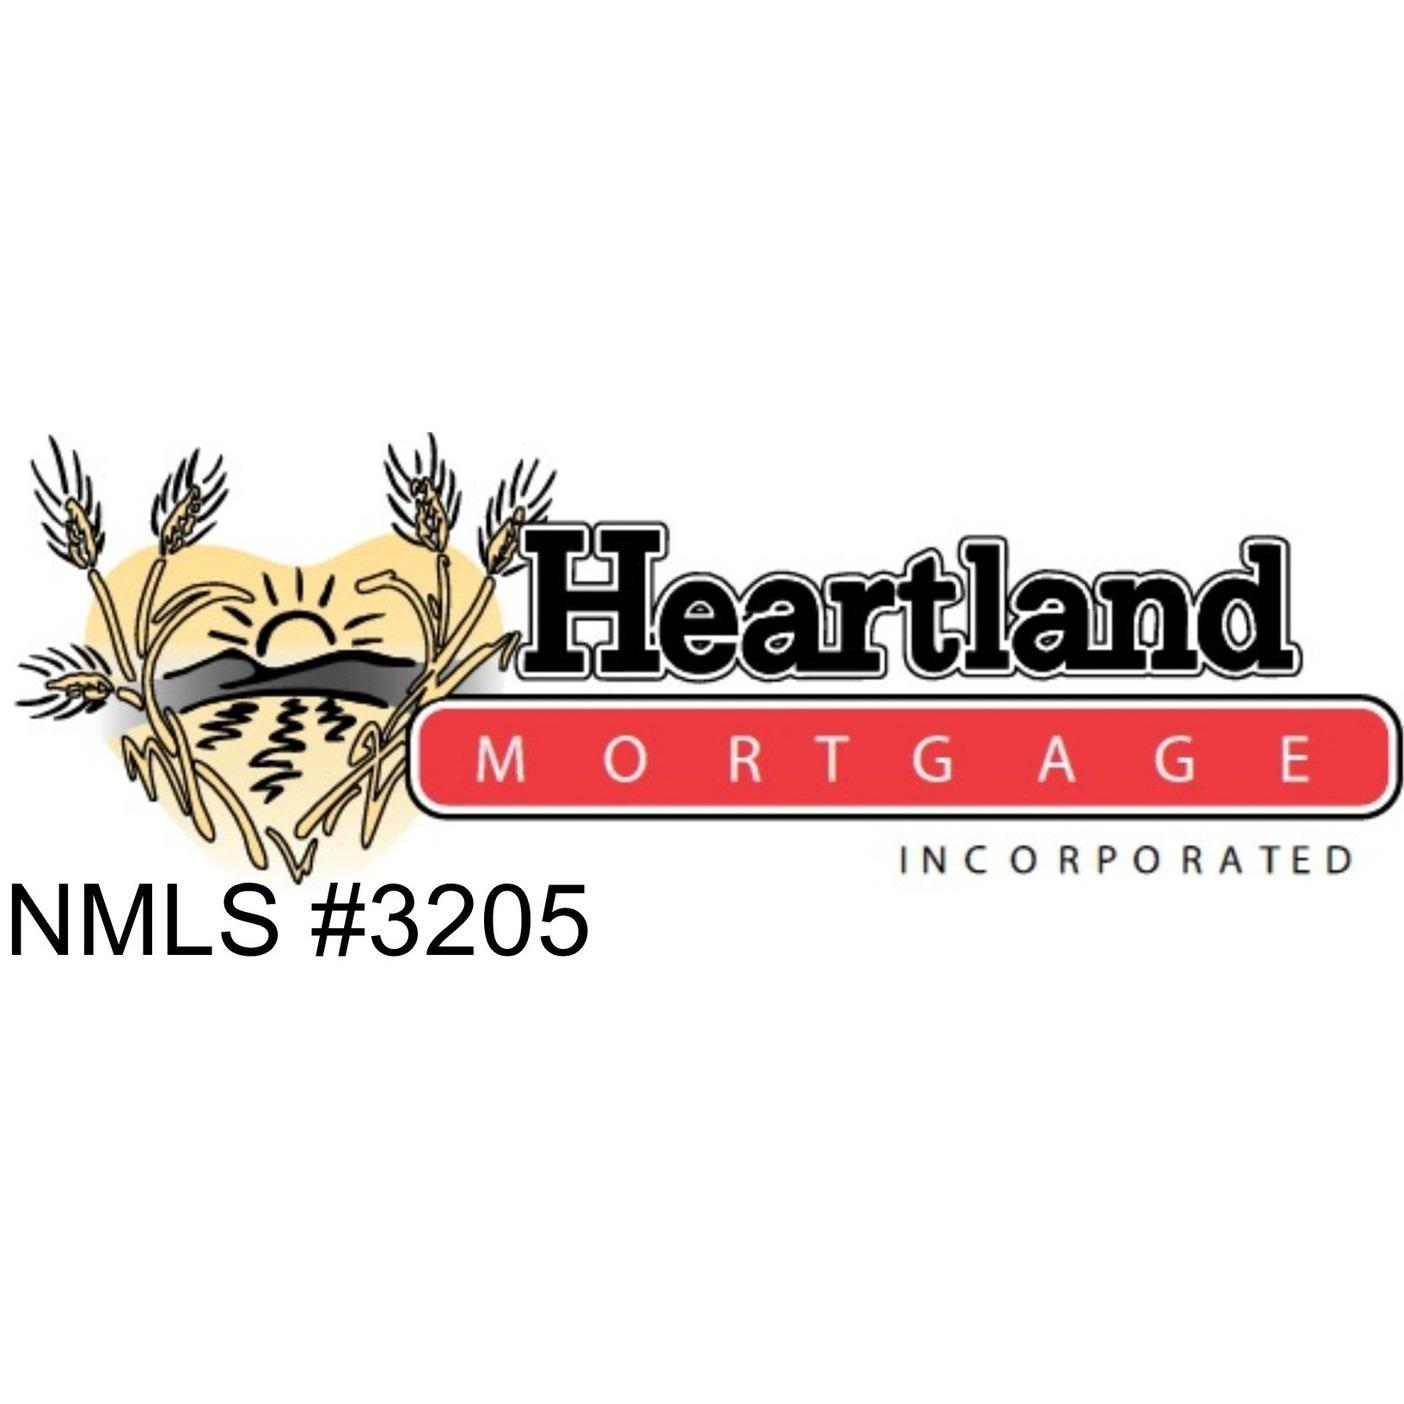 Bobbie Jo Haggard NMLS 92472 - Heartland Mortgage Inc.